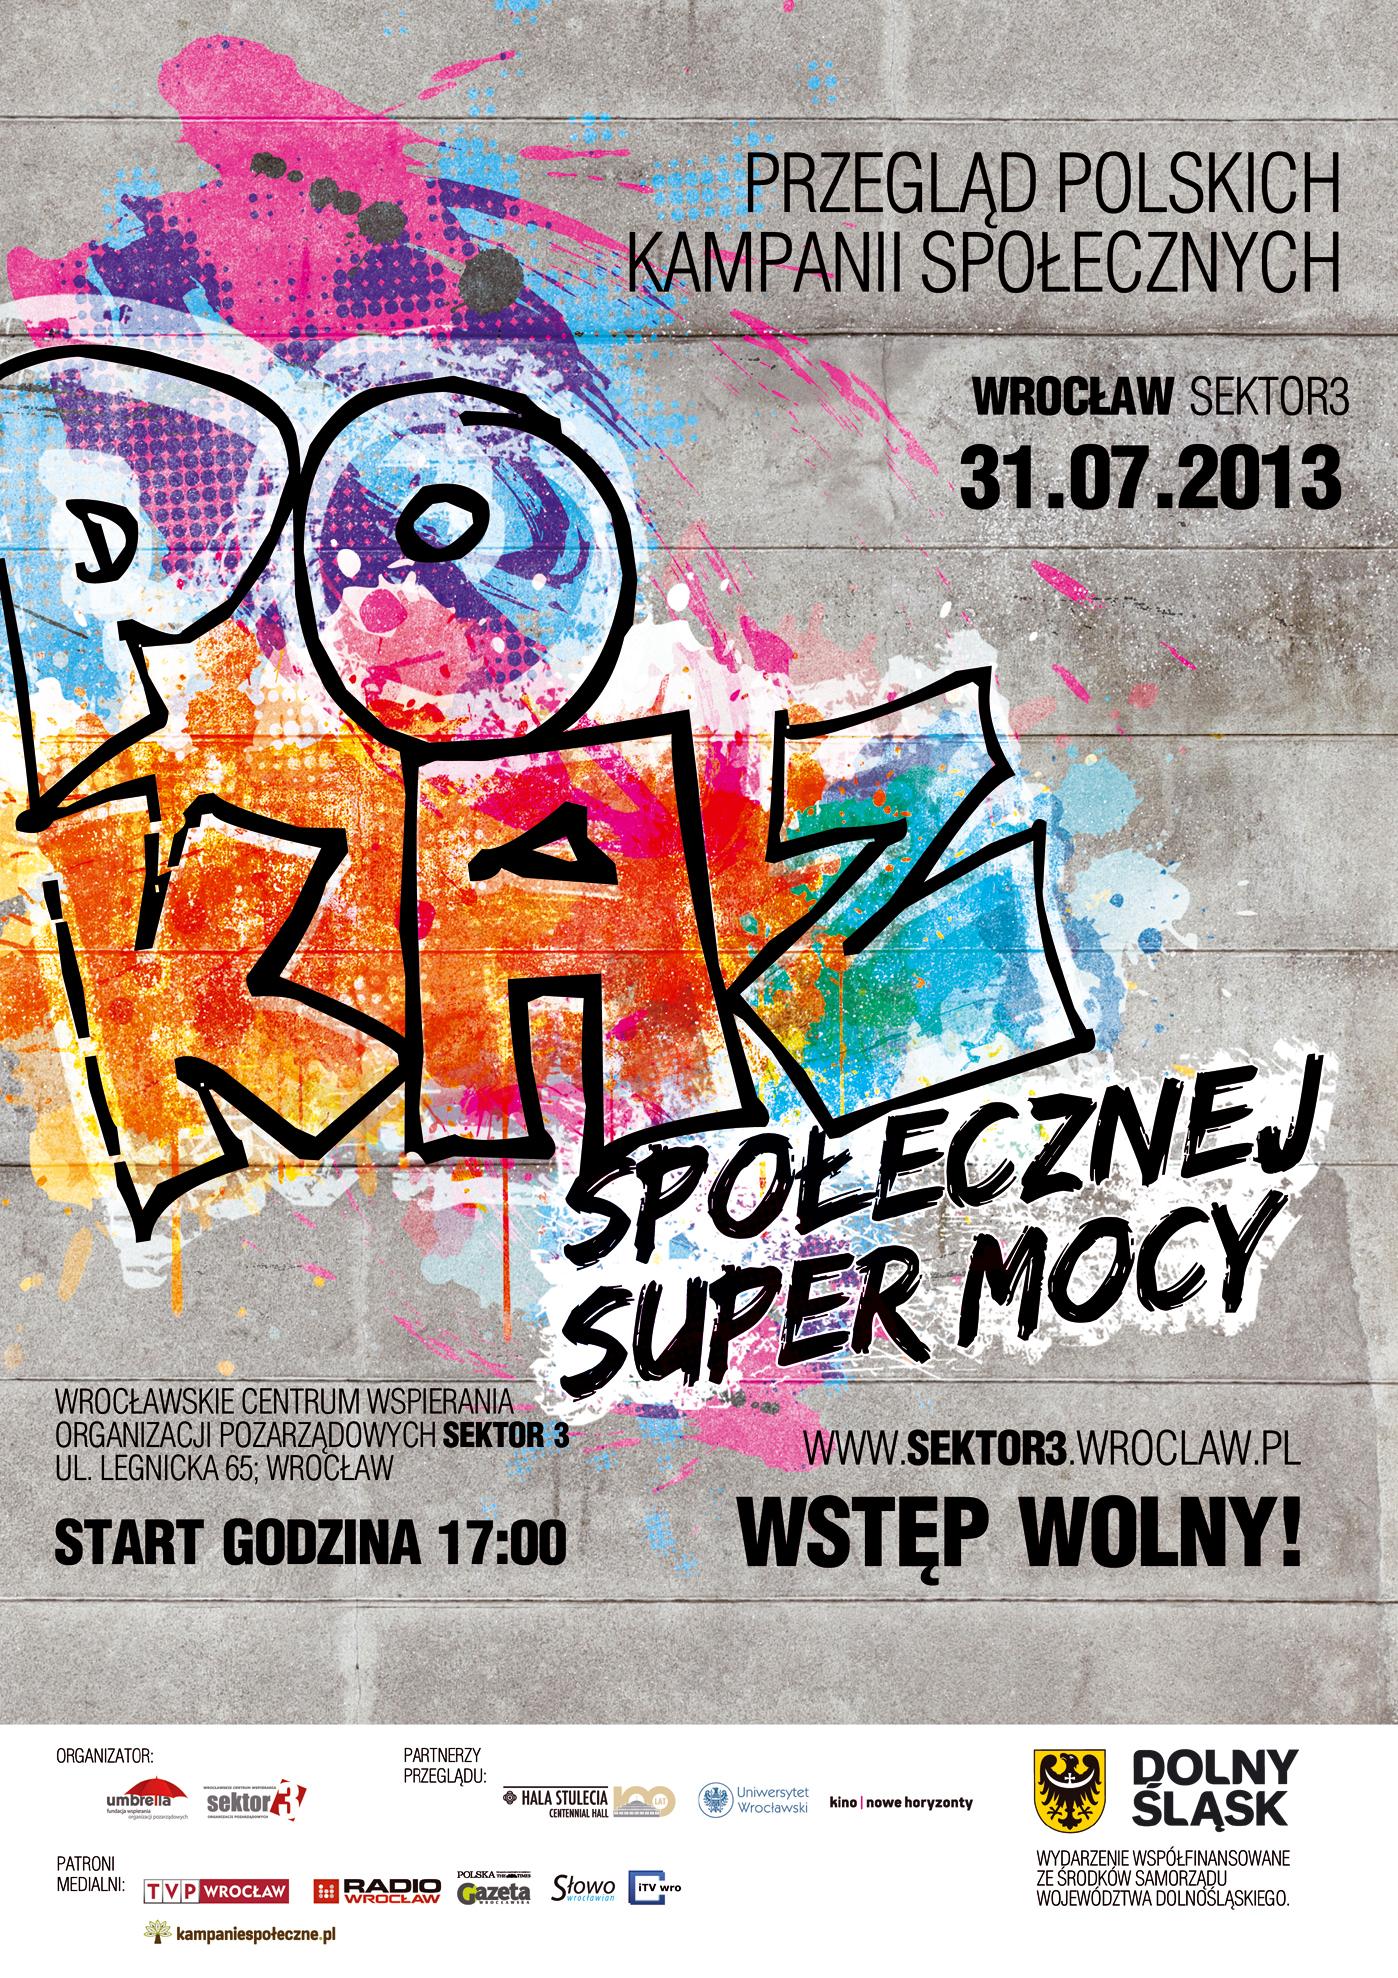 POKAZ_SPOLECZNEJ_SUPER_MOCY_31lipca